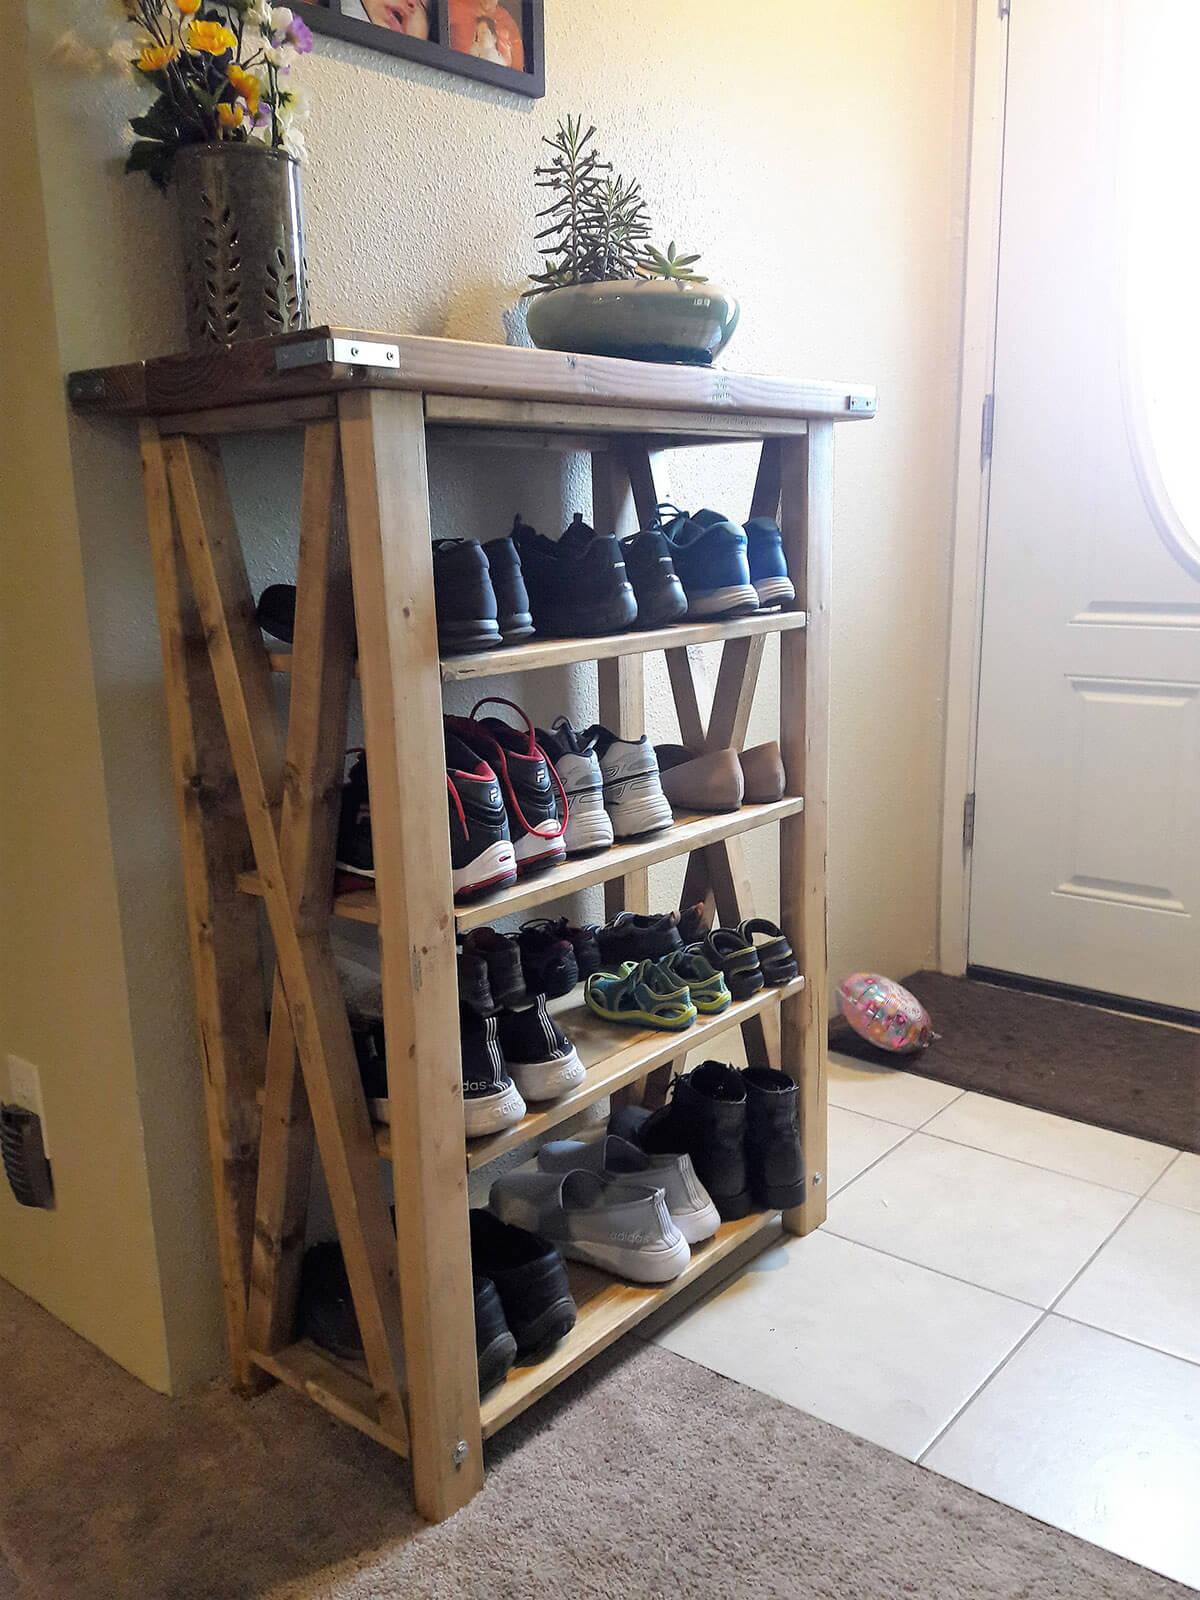 Four-Tiered Sturdy Shoe Shelf